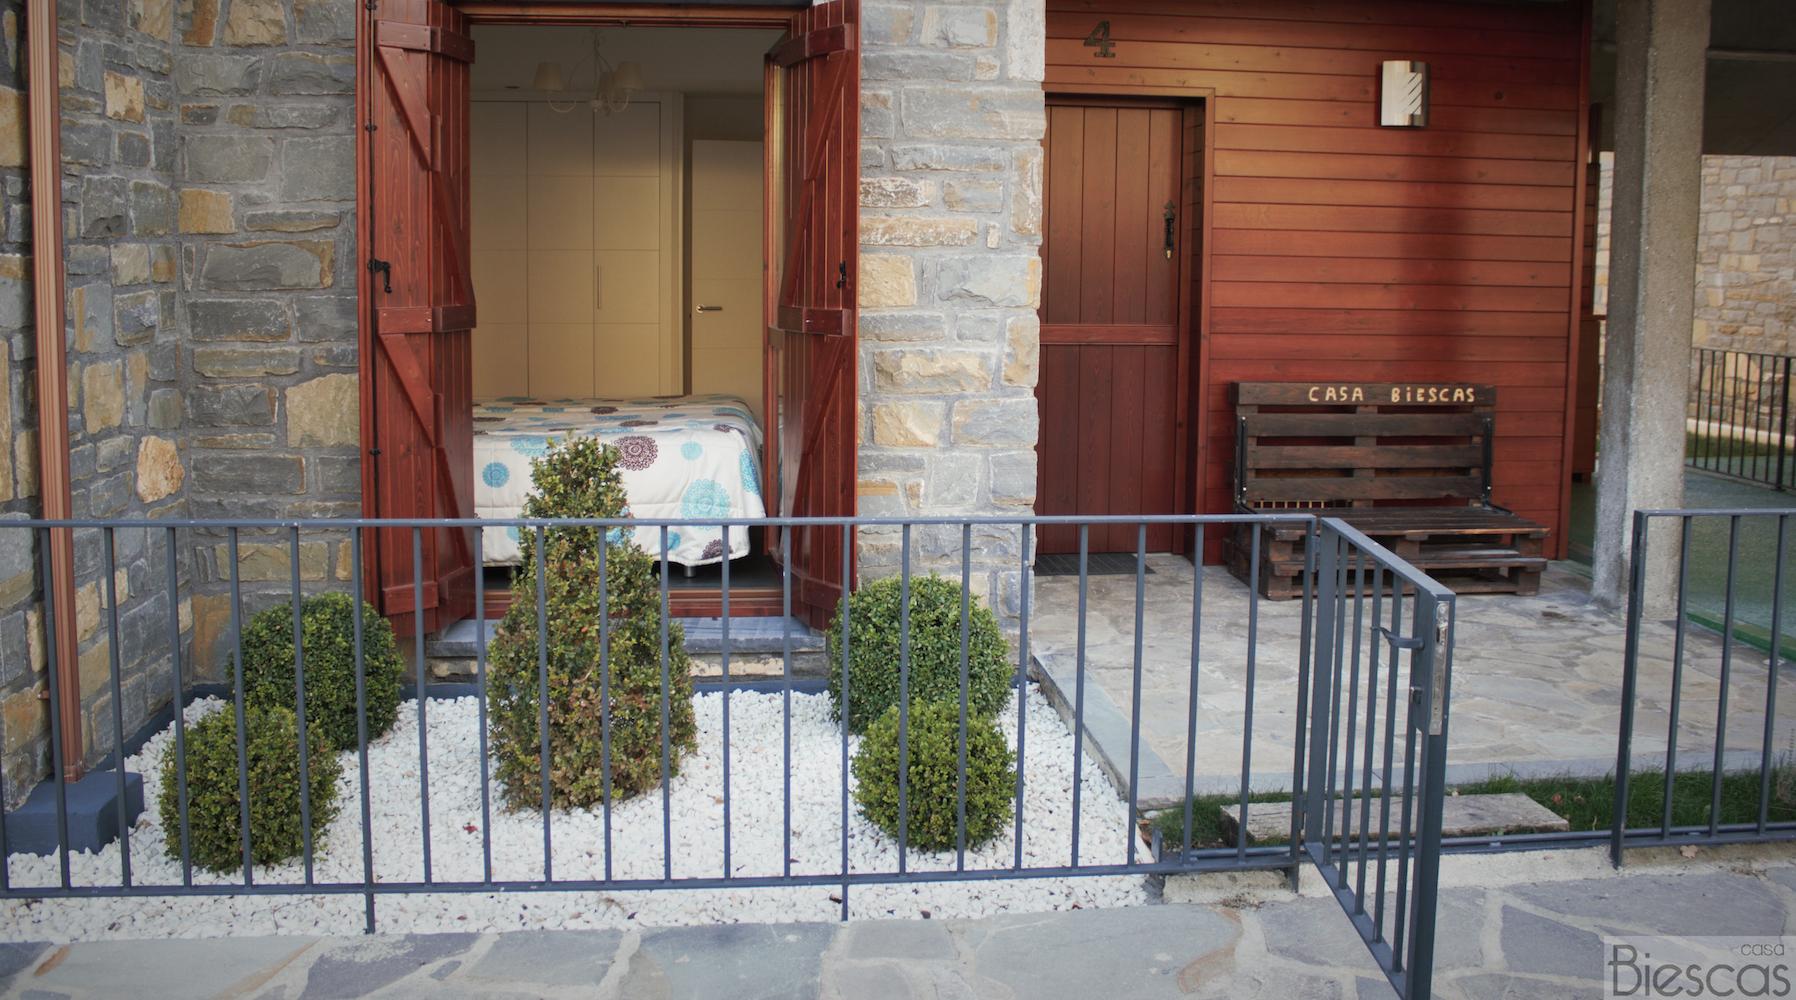 Casa en Biescas. Alojamiento, Rural, Turismo, Pirineo Aragones